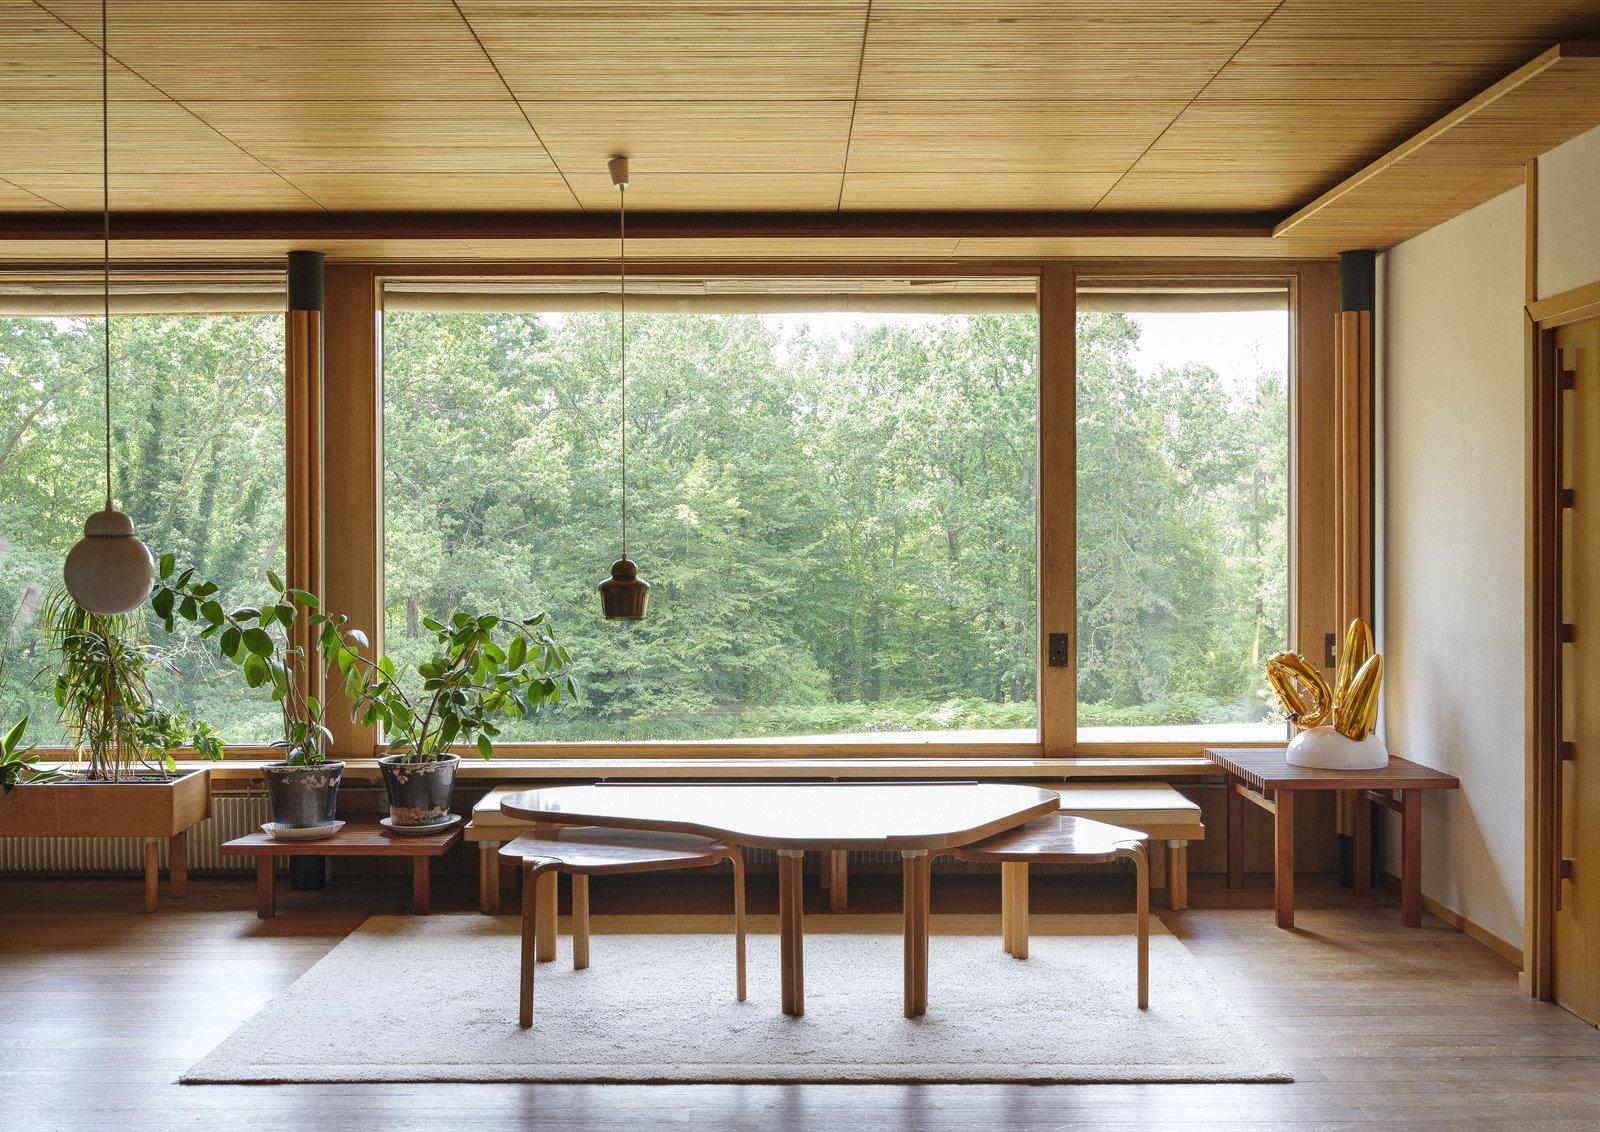 Alvar Aalto Maison Louis Carré  Call to the Wild (L'Appel de la Nature) Laura Laine,  Kustaa Saksi,  Kim Simonsson